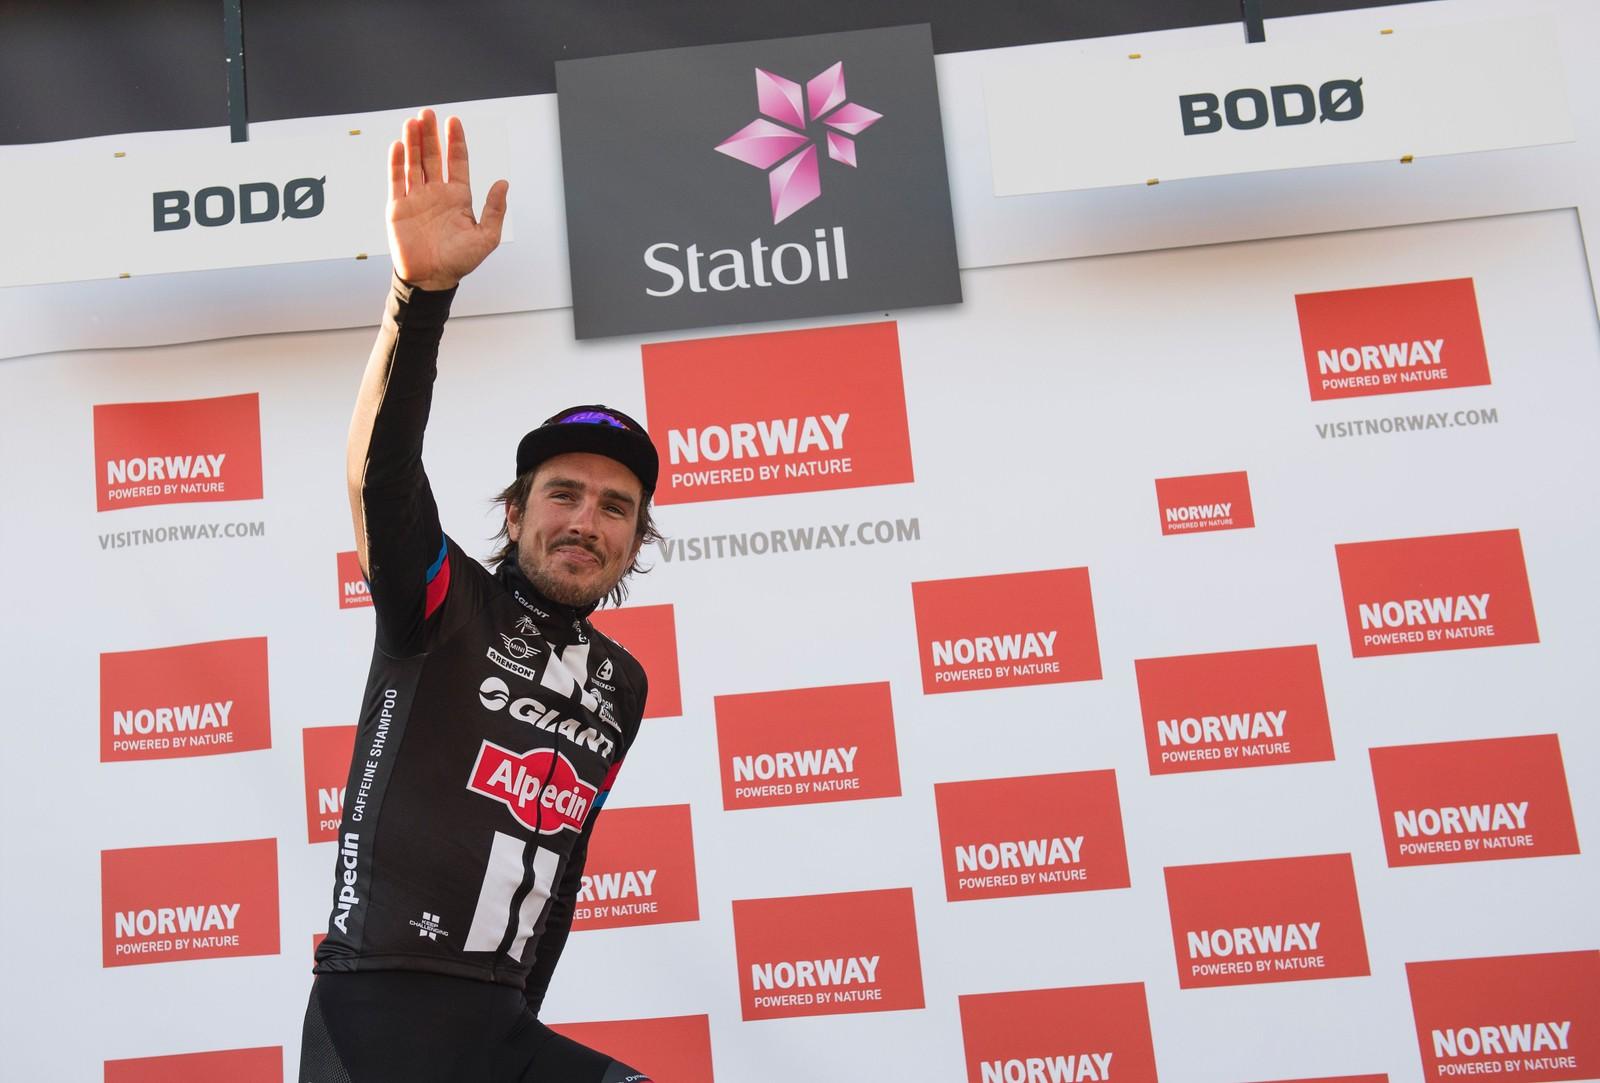 Tyske Johan Degenkolb fra Giant Alpecin jubler etter å ha vunnet den siste etappen av Arctic Race of Norway